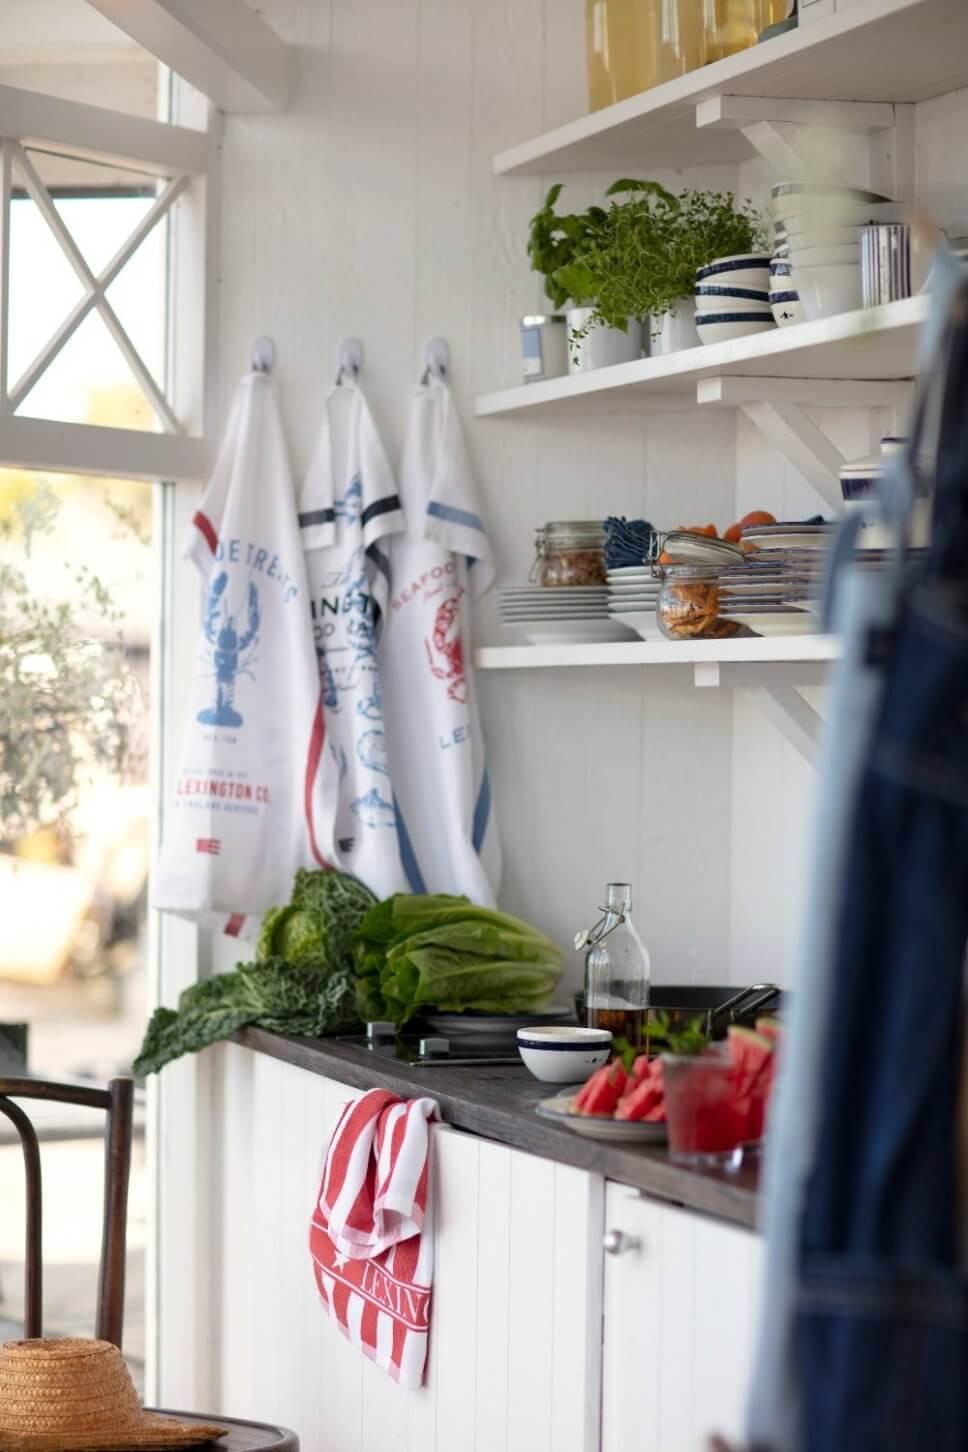 Weiß getäfelte Landhausküche mit Keramik in offenen Regalen